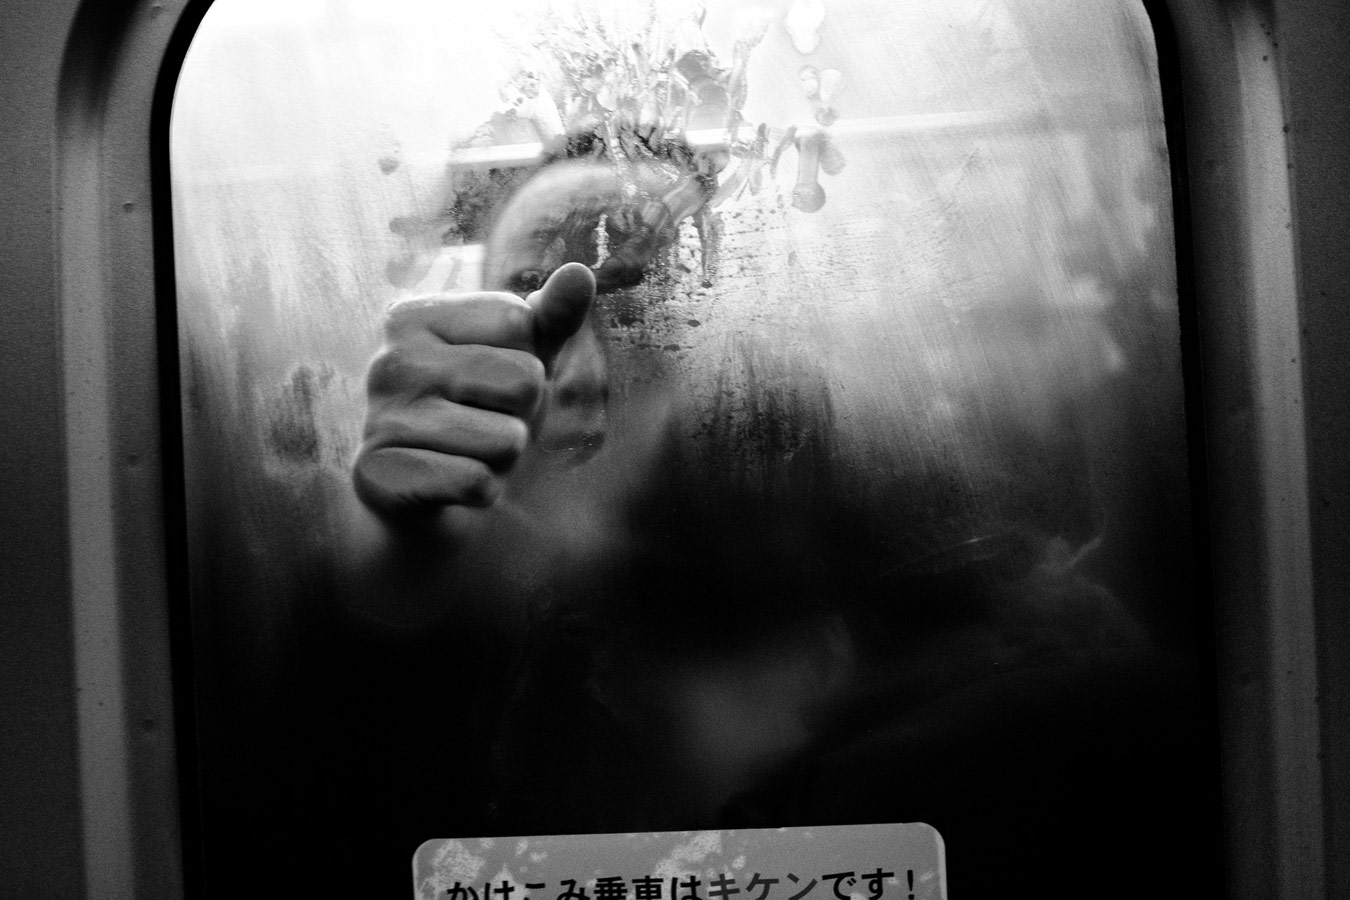 Токийская поездка, © Тадаши Ониши, Кодайра, Токио, Япония, Финалист категории «Уличная фотография» : Любитель, Конкурс фотографии «Перспективы» — Perspectives PhotoPlus Expo